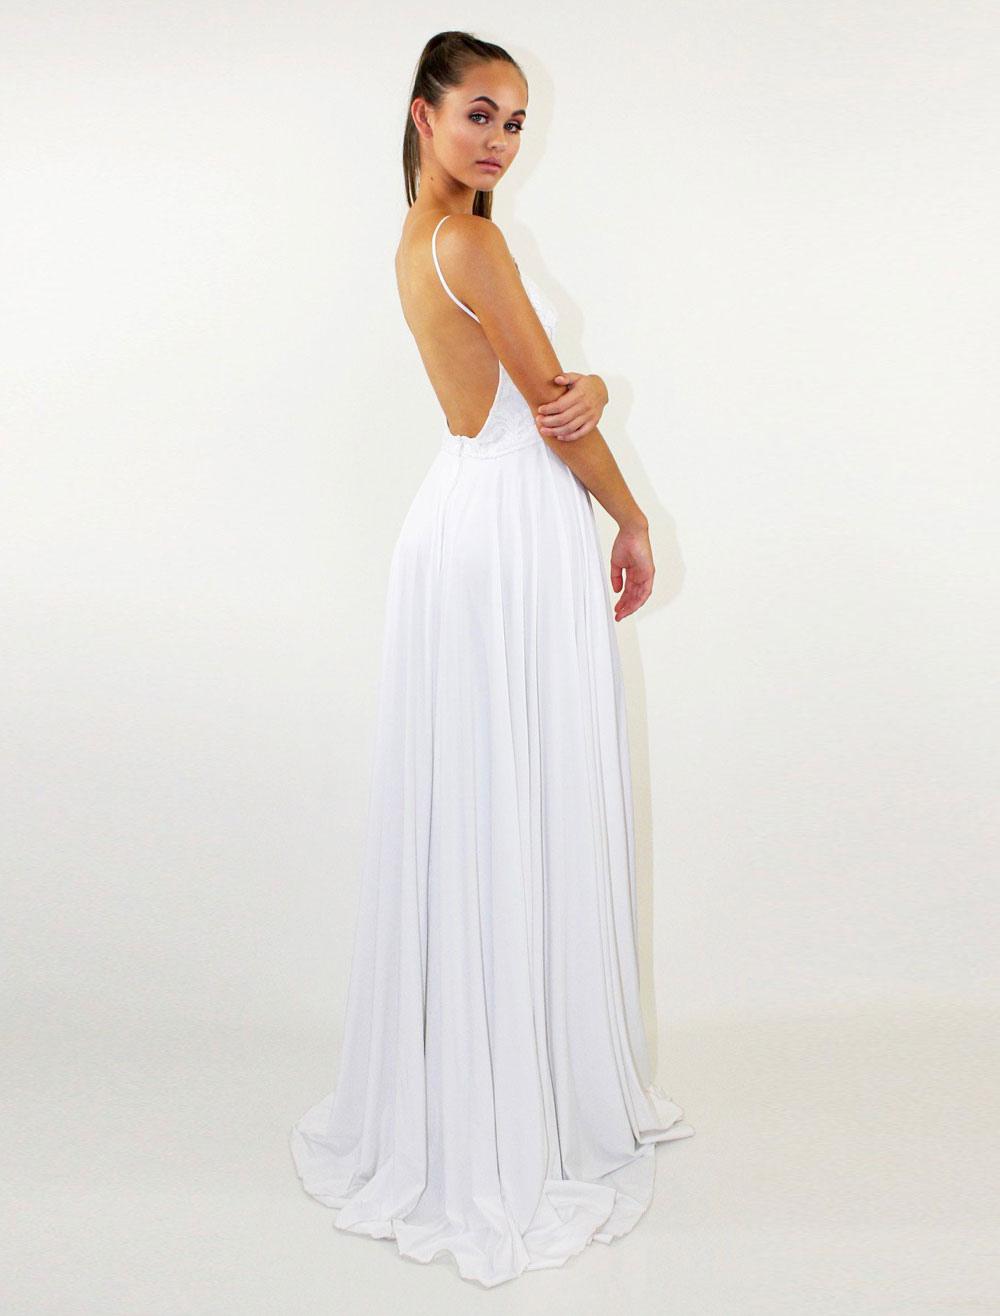 b492e9b08ce ... Robe longue blanc en polyester unicolore à dos décolleté fendu et  bretelles -No.4 ...